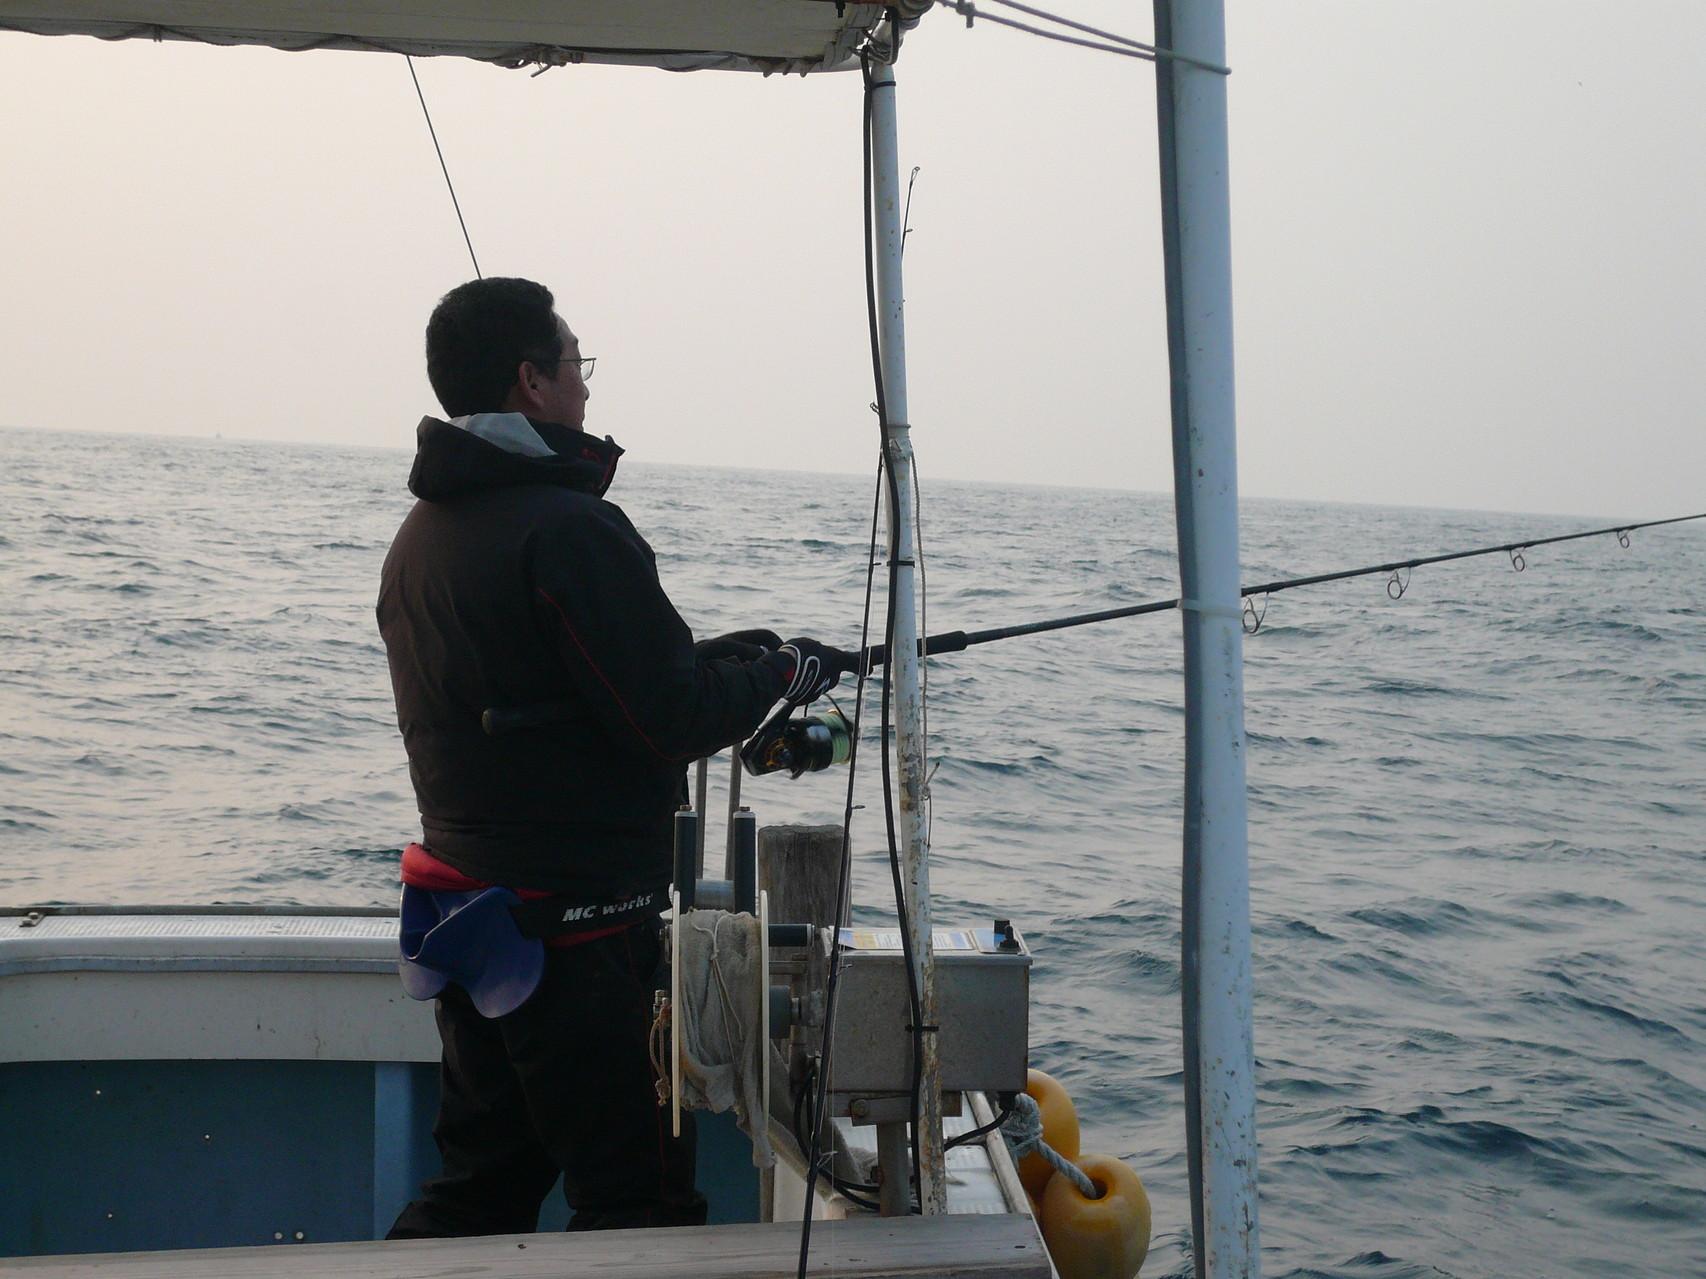 大きいのが ガバット アタリ有り 外れちゃった 潮の動き悪い 食いがいまいち?